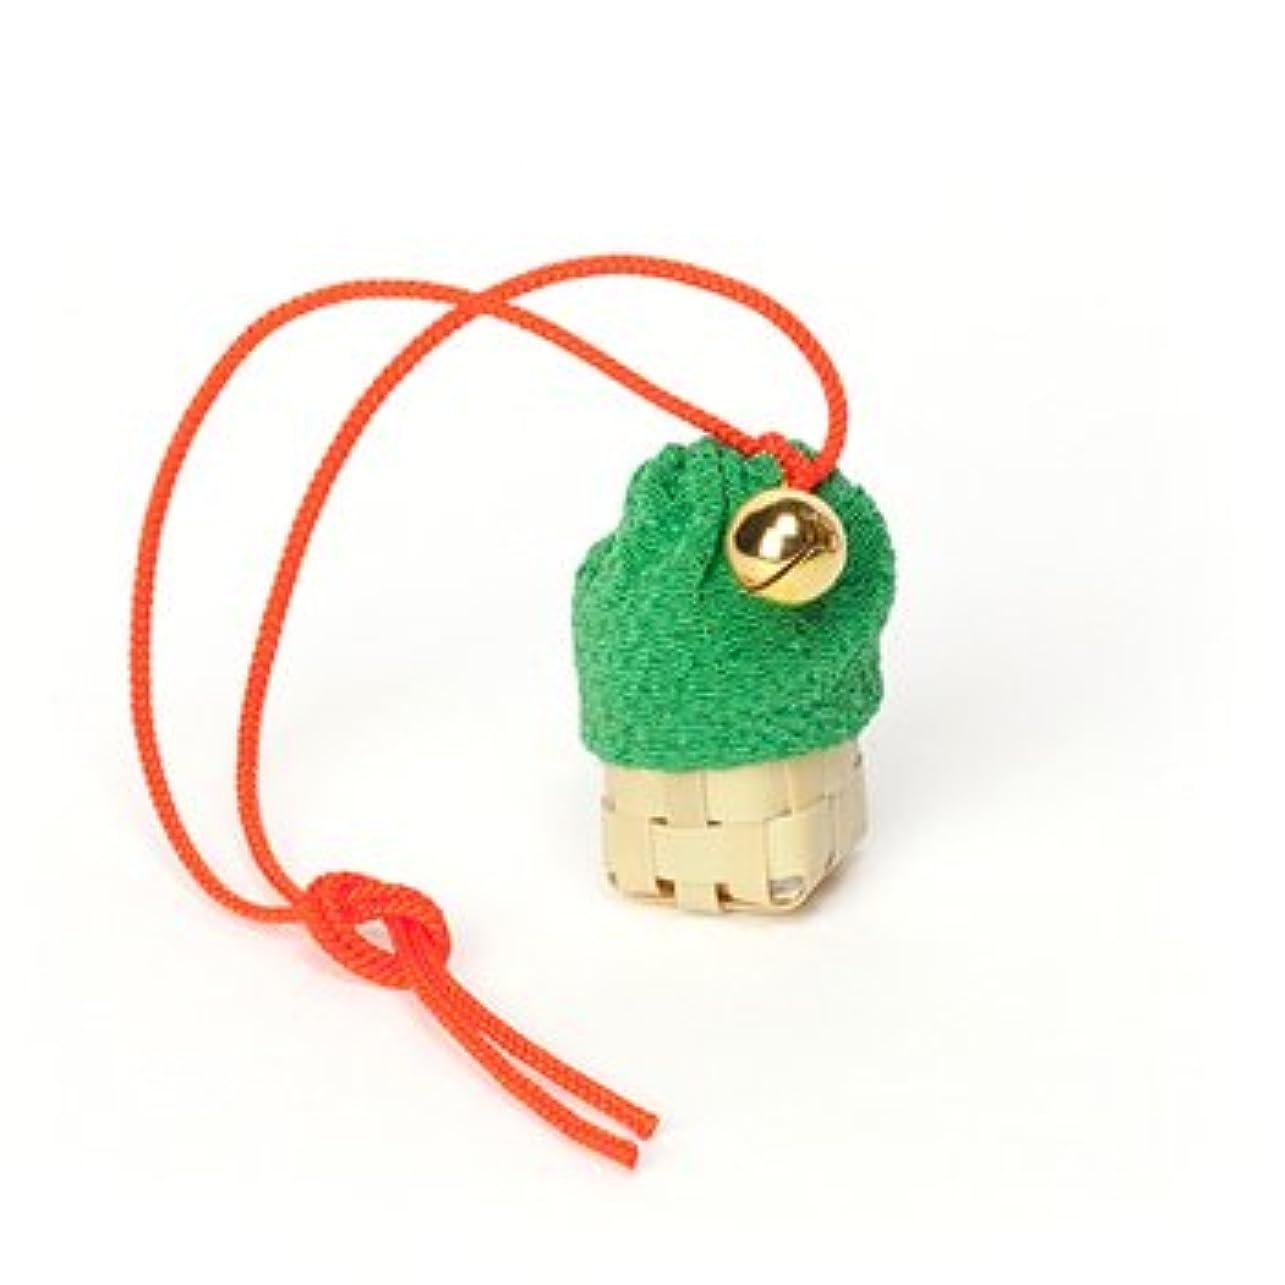 軍望ましい陰謀松栄堂 匂い袋 携帯用 ミニ籠 1個入 ケースなし (色をお選びください) (緑)